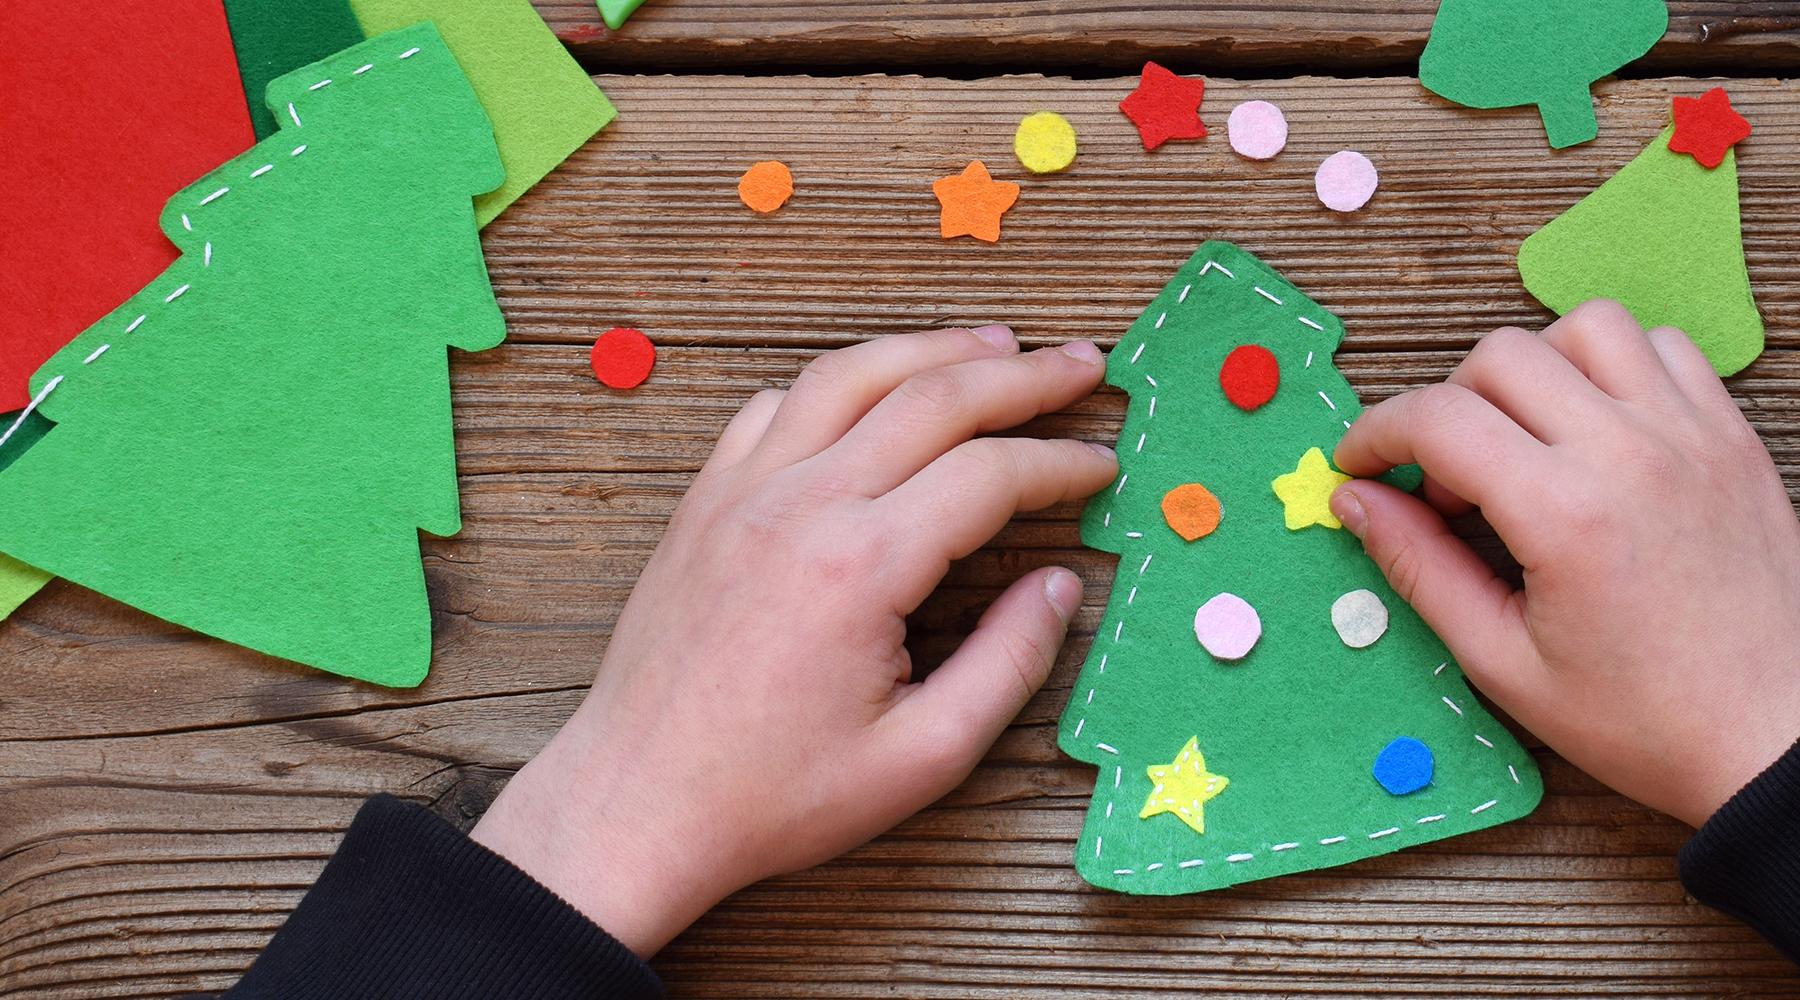 Helppo itse tehty joulukoriste tämän vuoden joulutyöpajassa